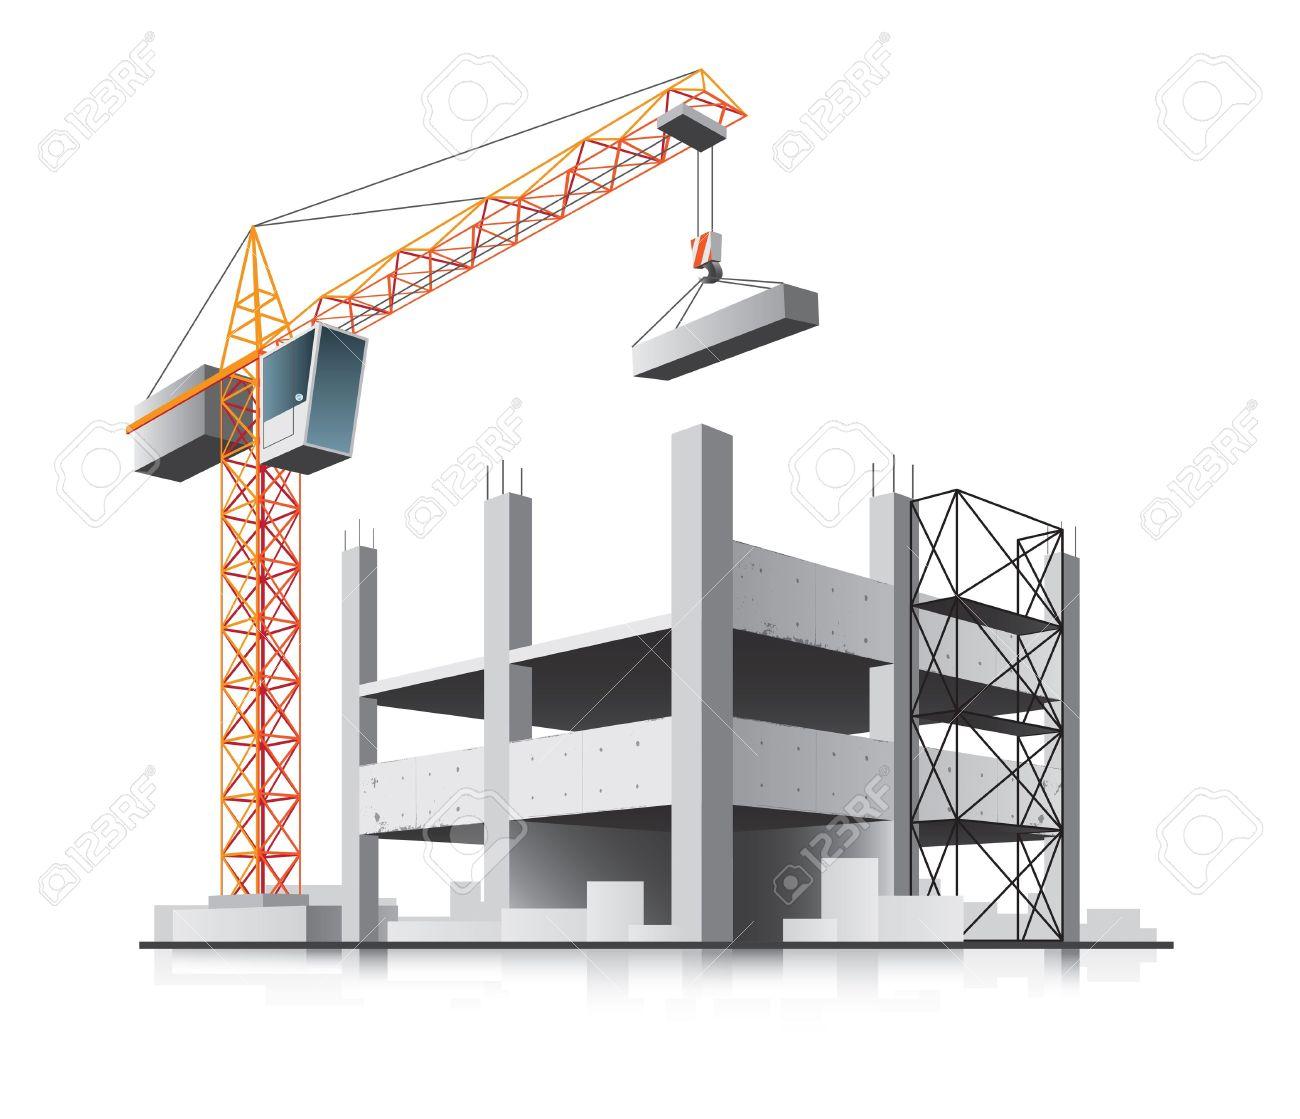 Clipartfest . Building construction site clipart